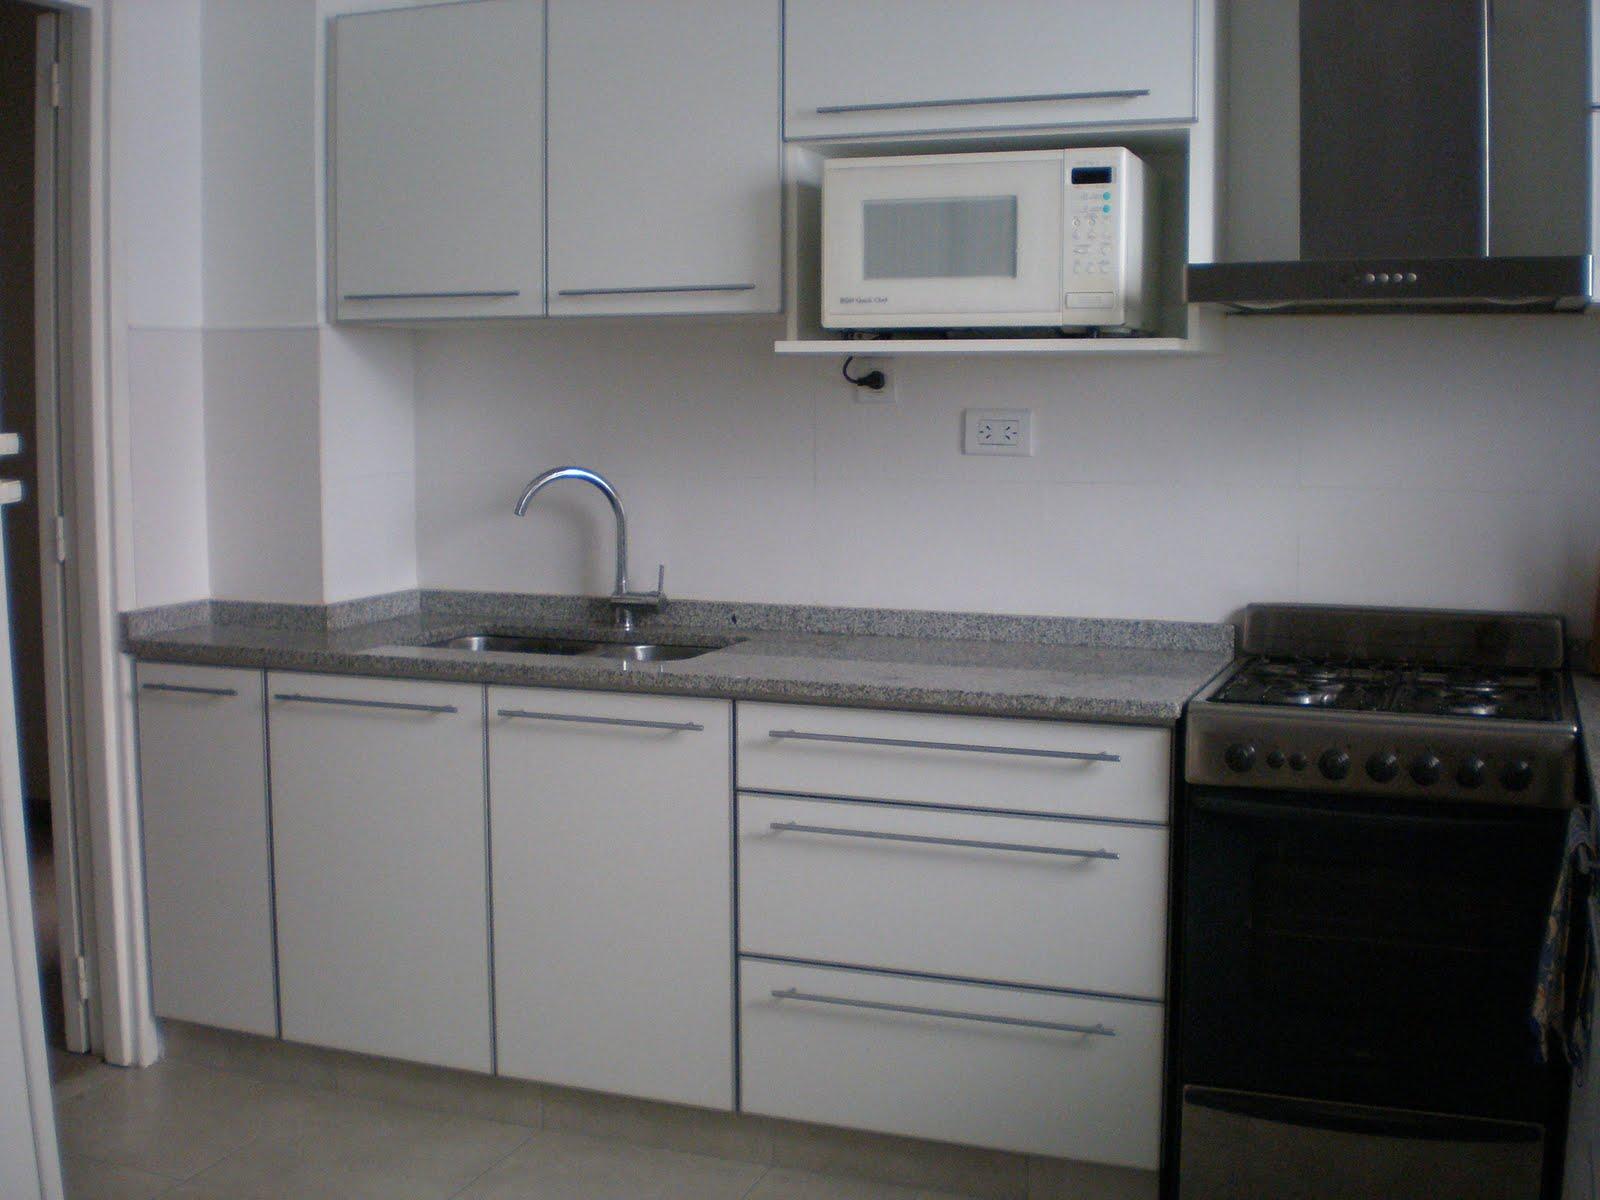 Huara muebles muebles de cocina con perfiles de aluminio for Muebles de cocina de aluminio